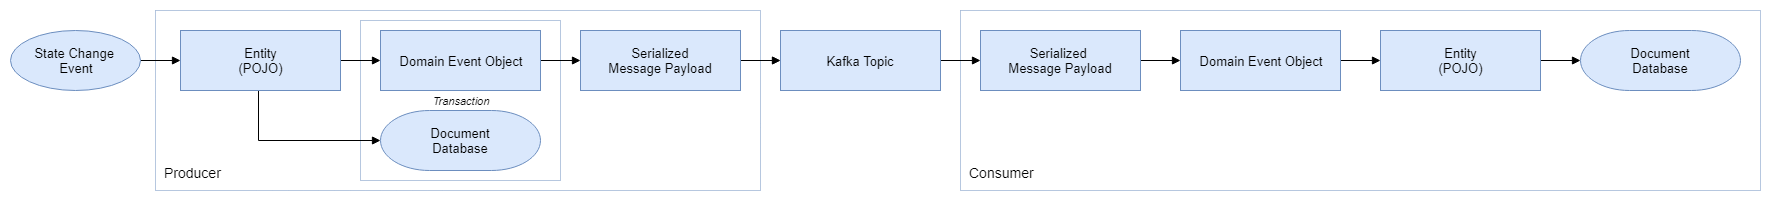 kafka-event-flow